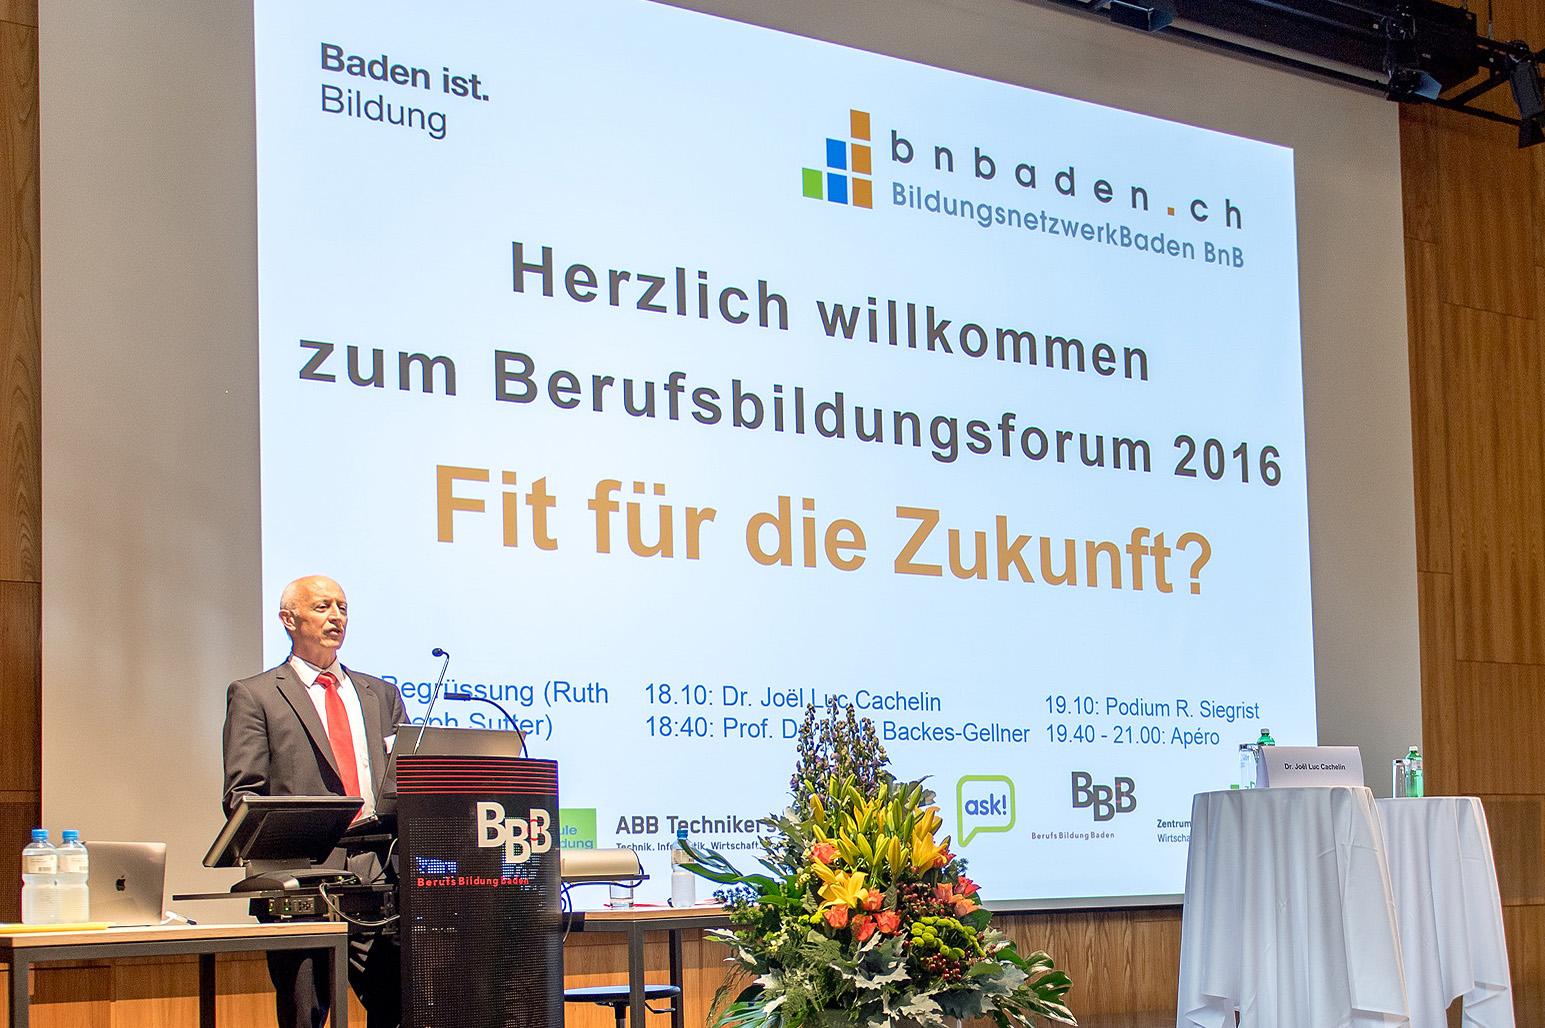 Berufsbildungsforum 2016